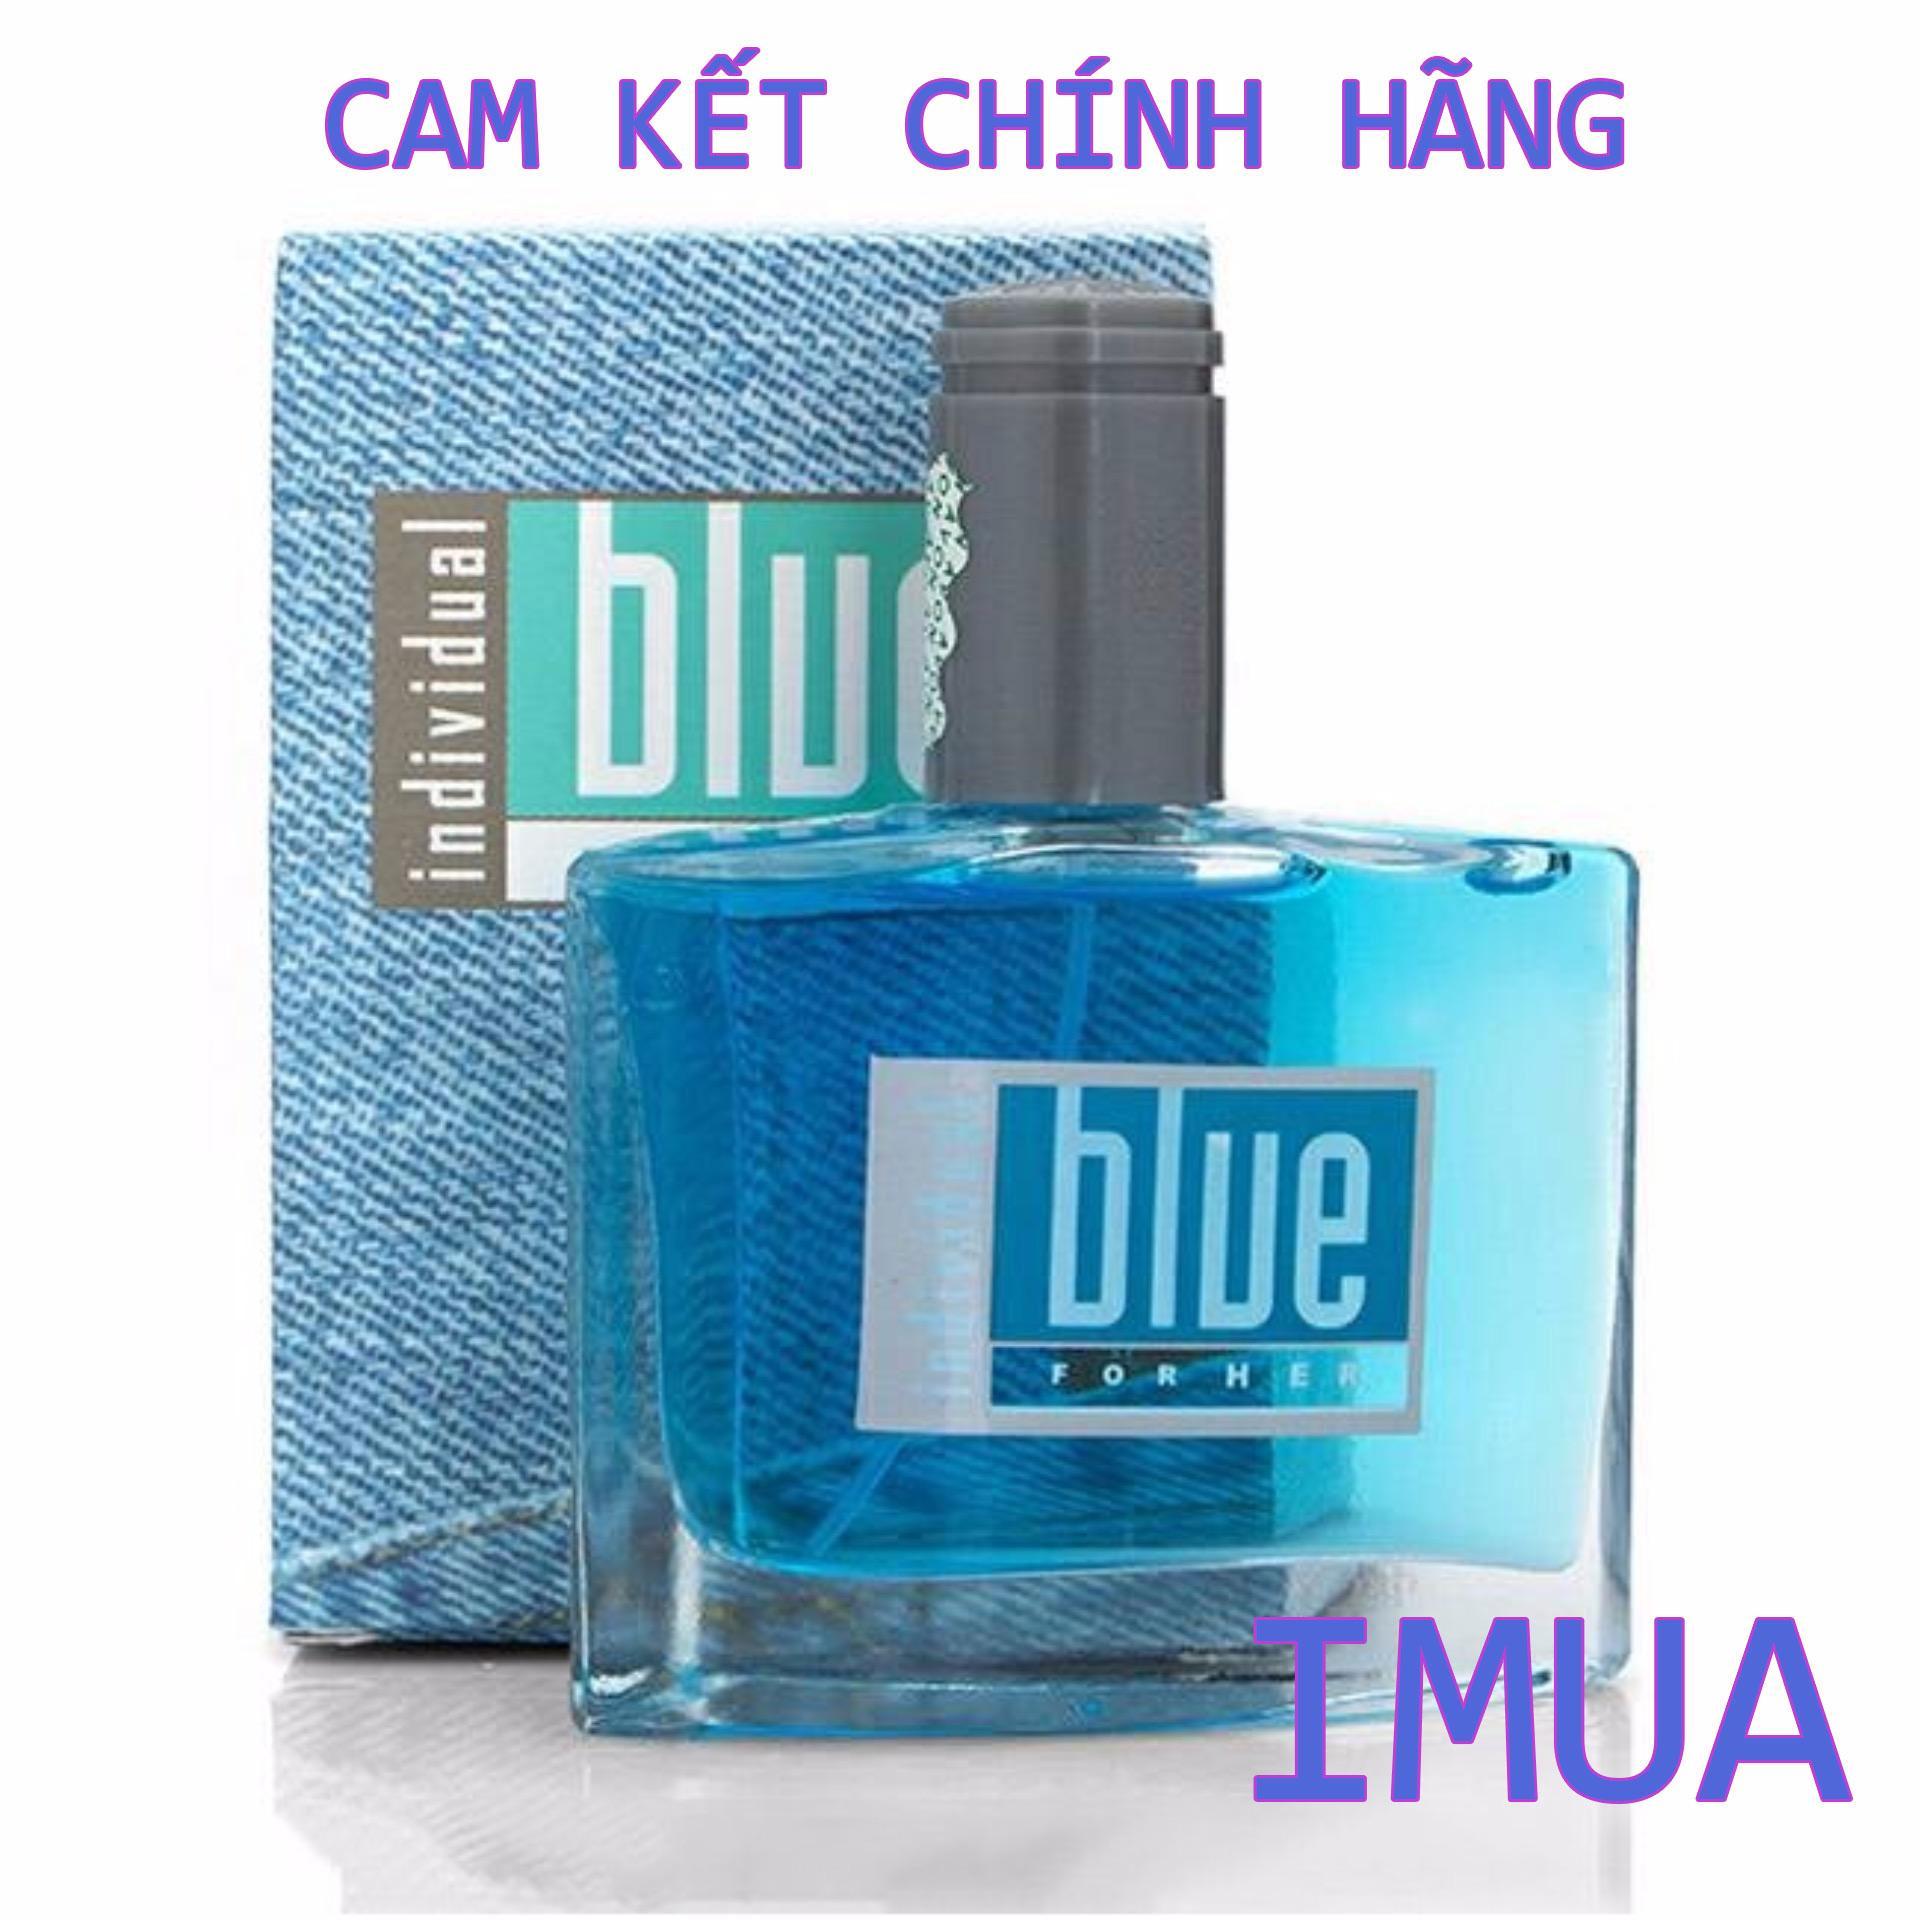 Nước hoa nữ Blue Avon For Her chiết xuất từ hoa hồng